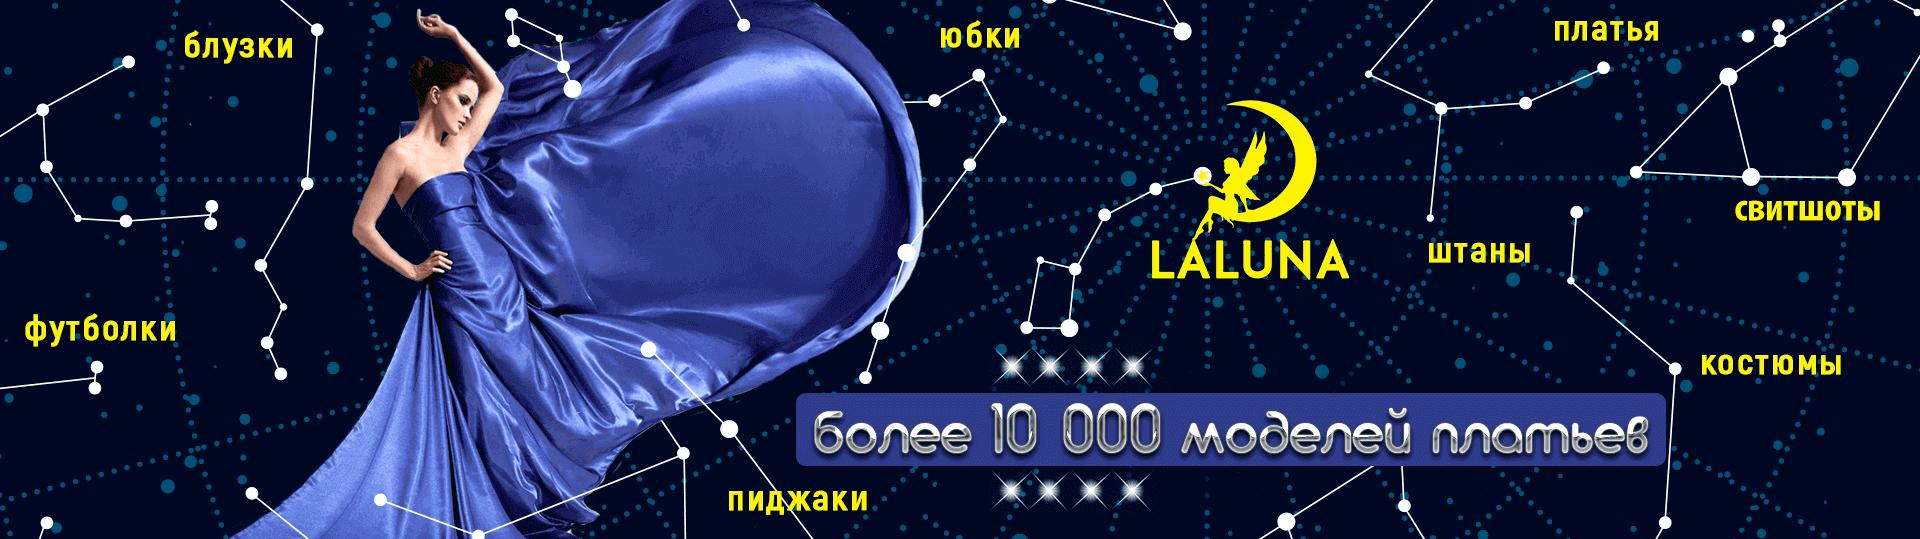 0c21c898c7e8 Оптово - розничный интернет магазин одежды   Laluna